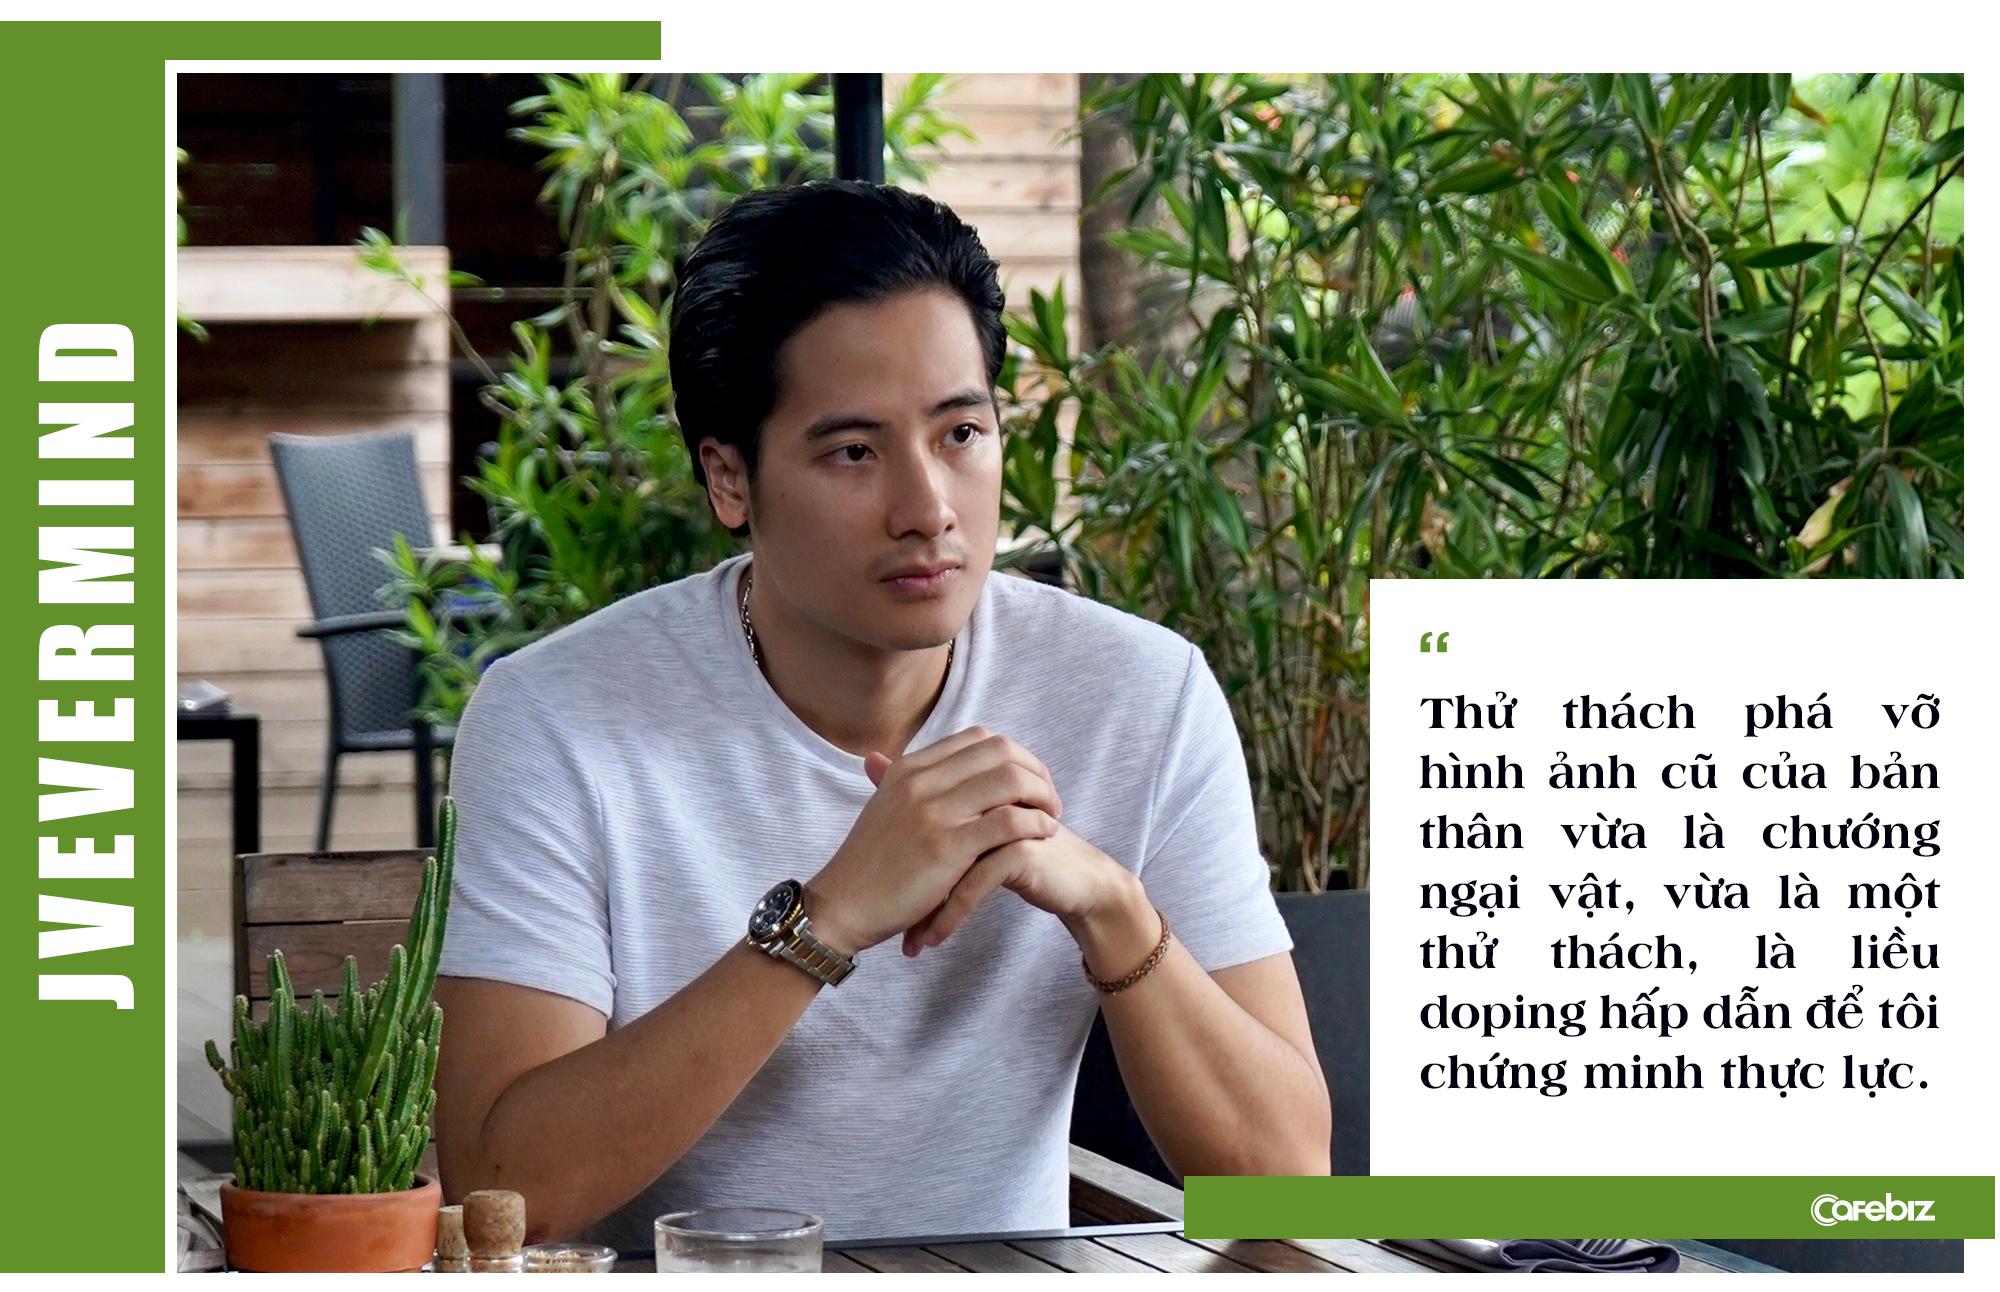 """JV Trần Đức Việt: Thành công, không phải là cảm thấy thỏa mãn với những gì đạt được, mà là hài lòng với những gì mình đã đánh đổi"""" - Ảnh 6."""